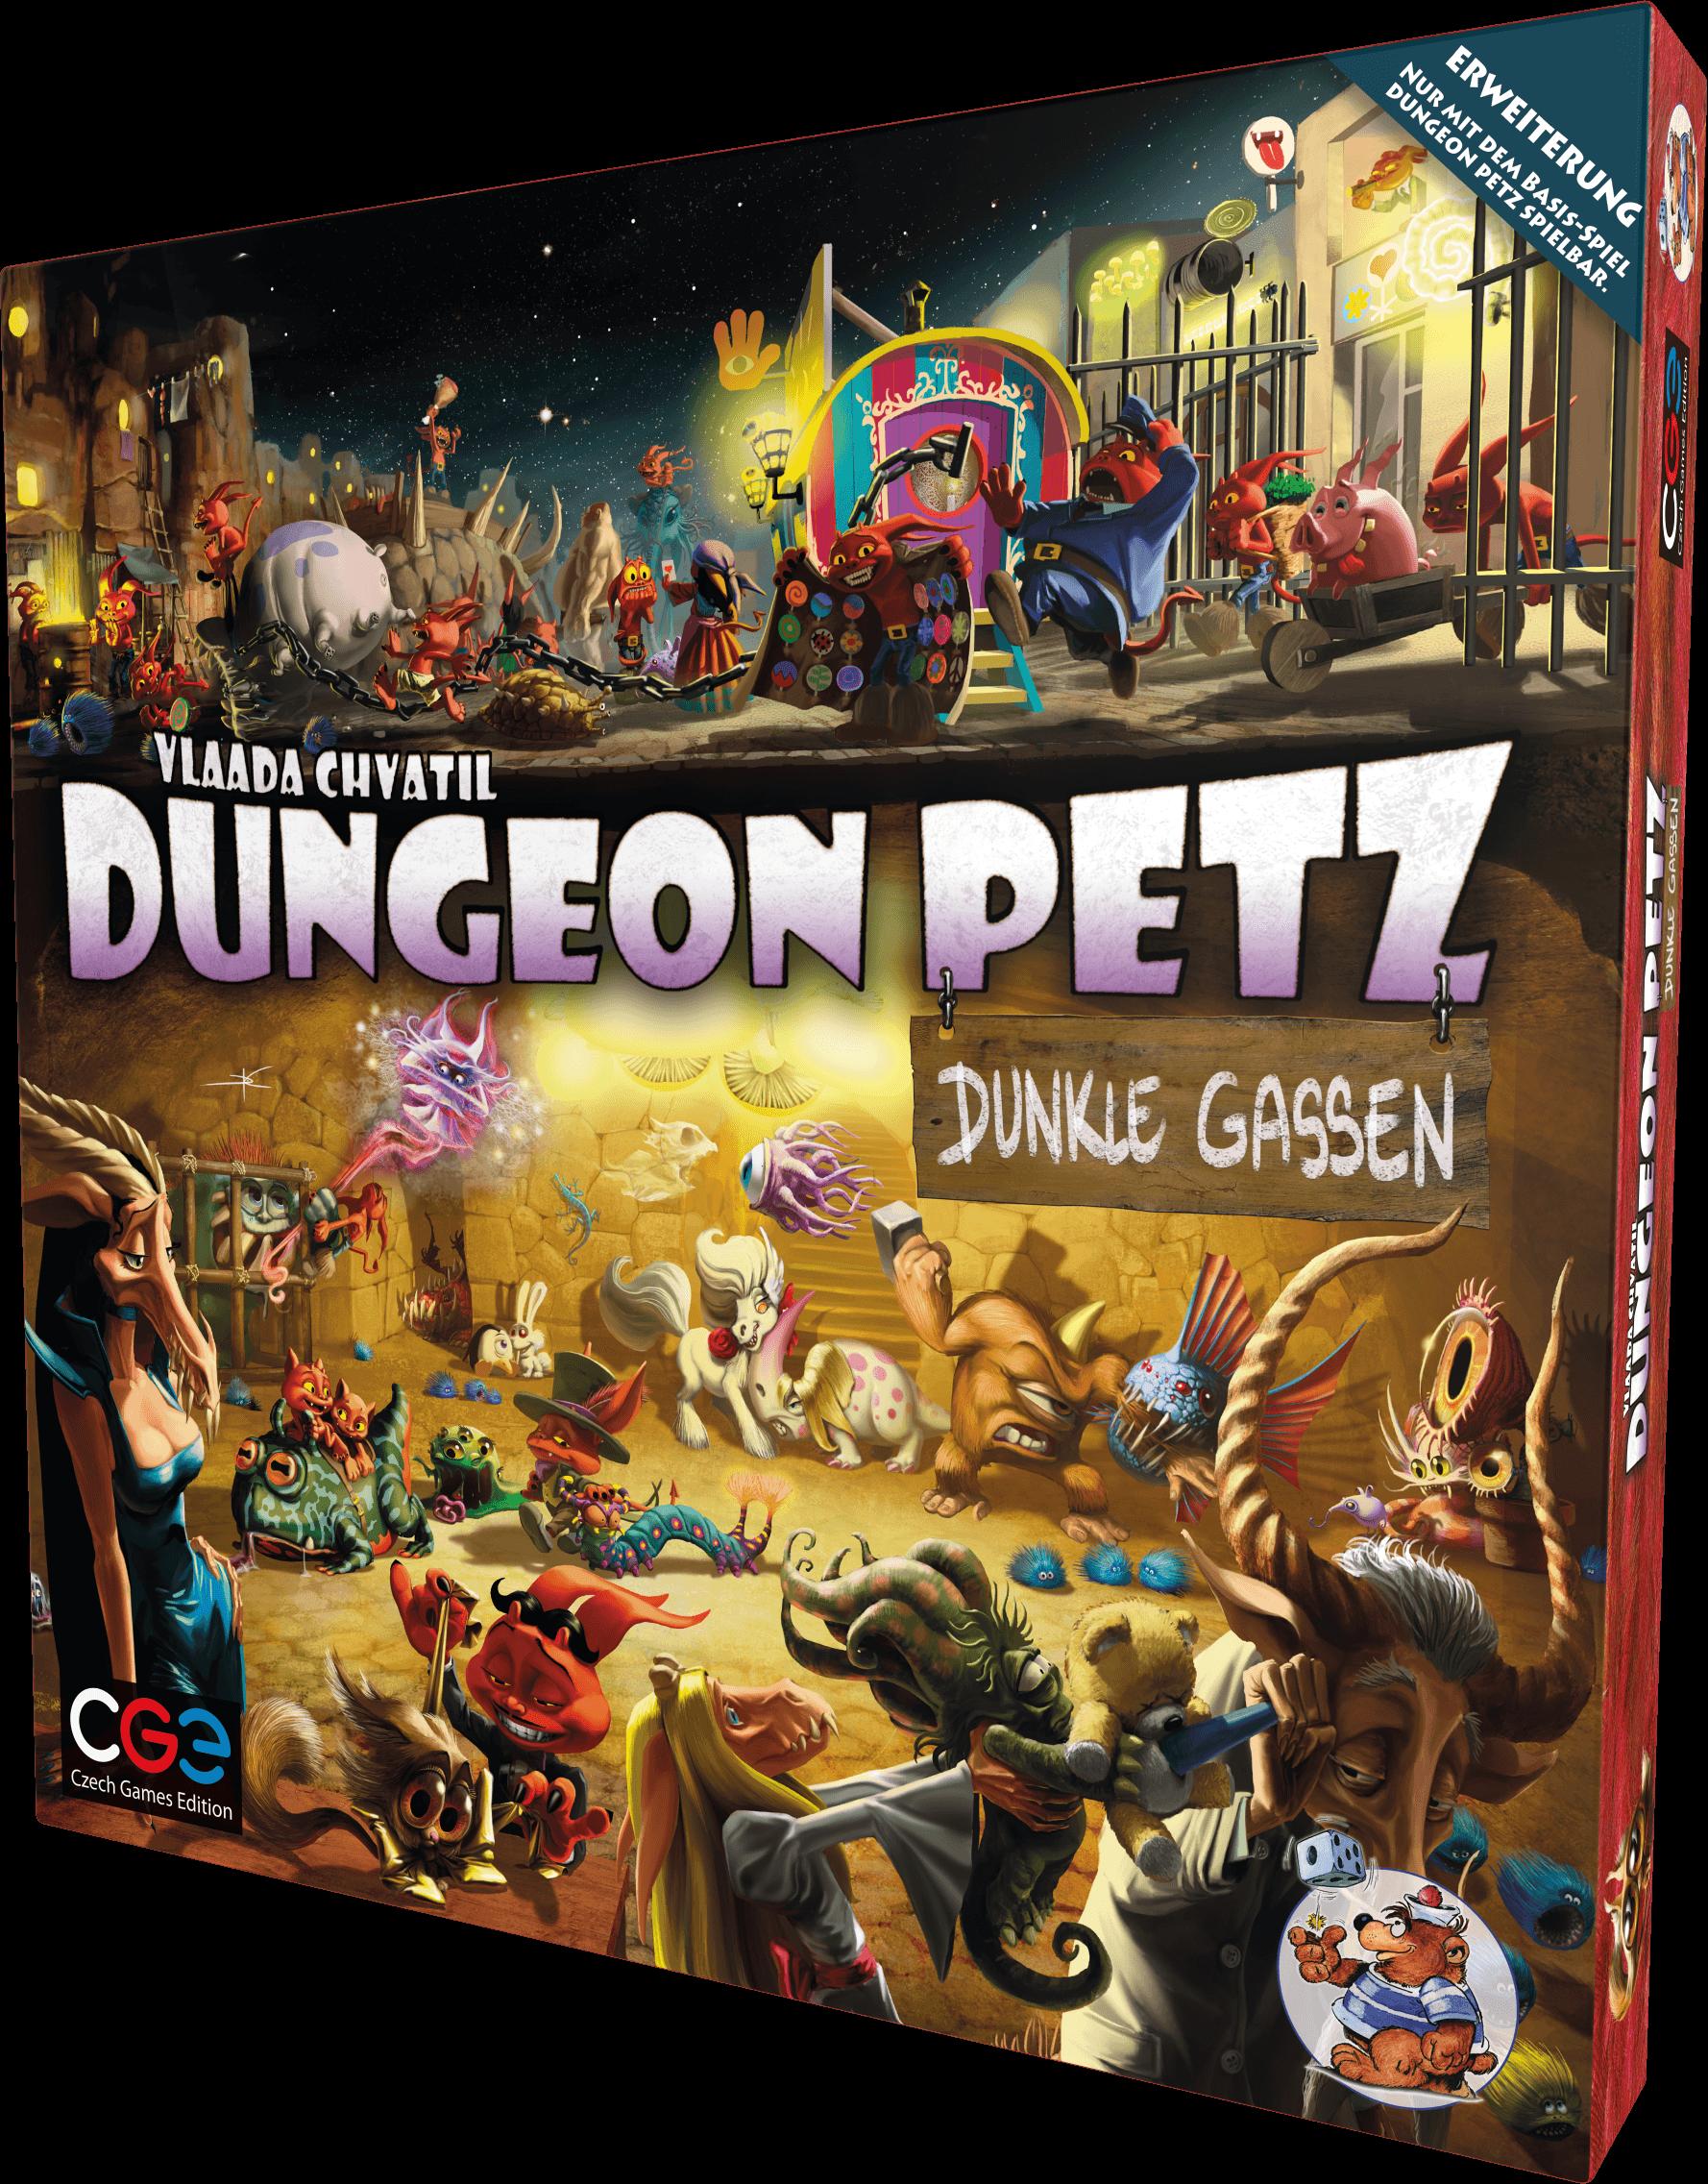 dungeon petz dunkle gassen box